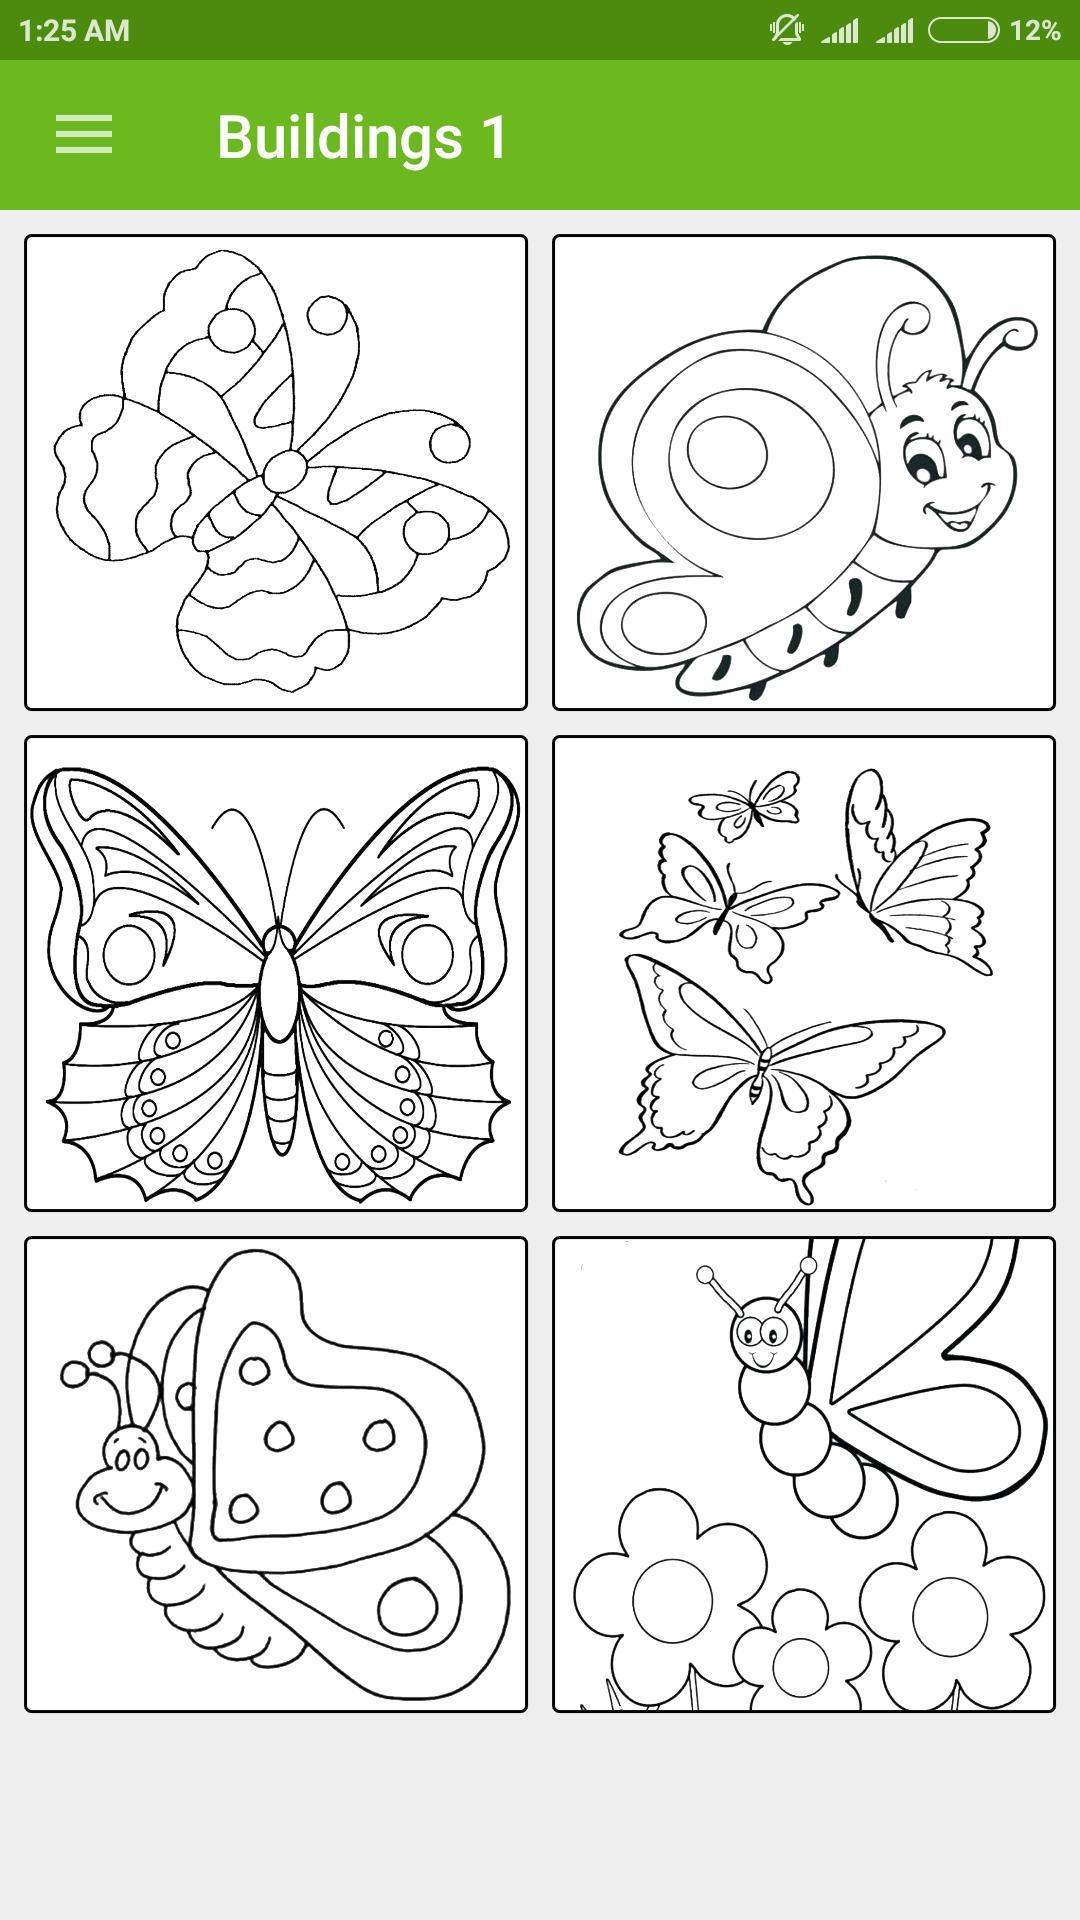 gambar bunga dan kupu kupu yang mudah